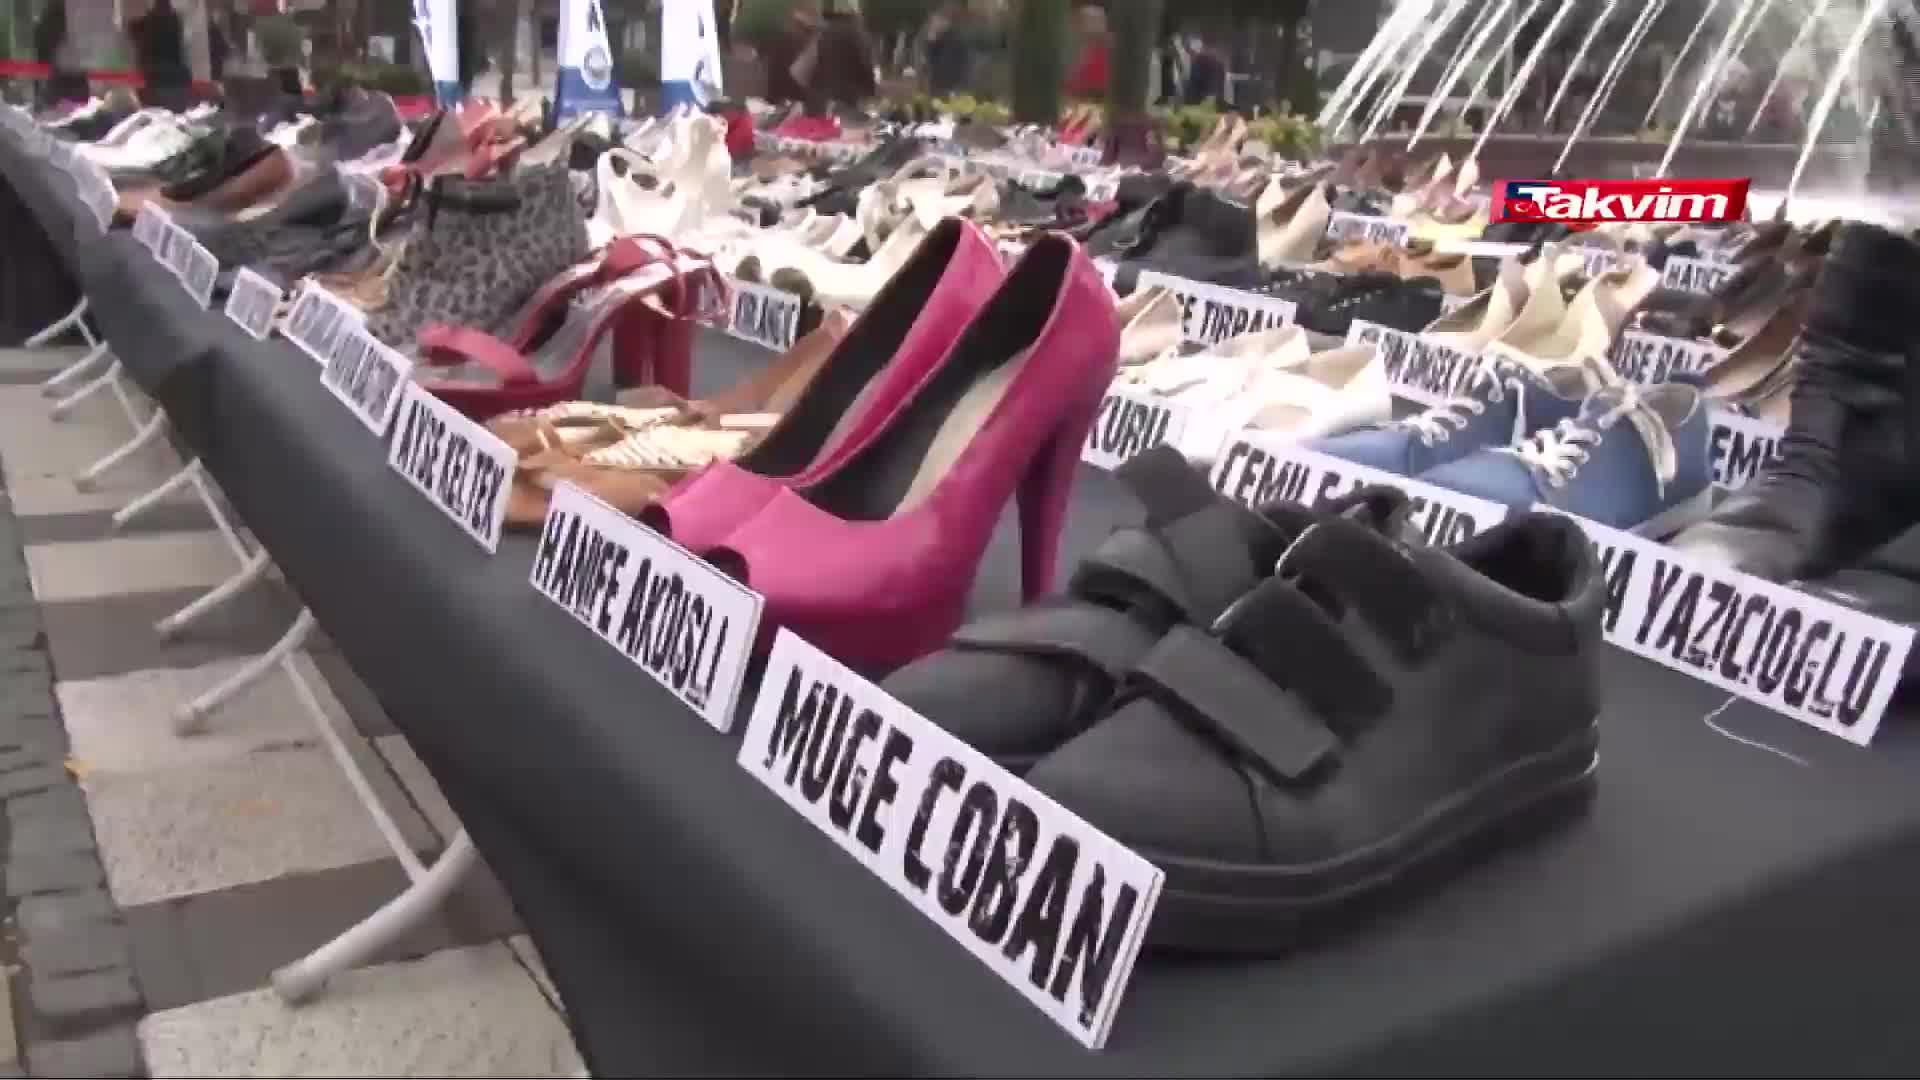 Kadın cinayetine kurban giden 363 kadın, 363 çift ayakkabı... - Haber -  Takvim